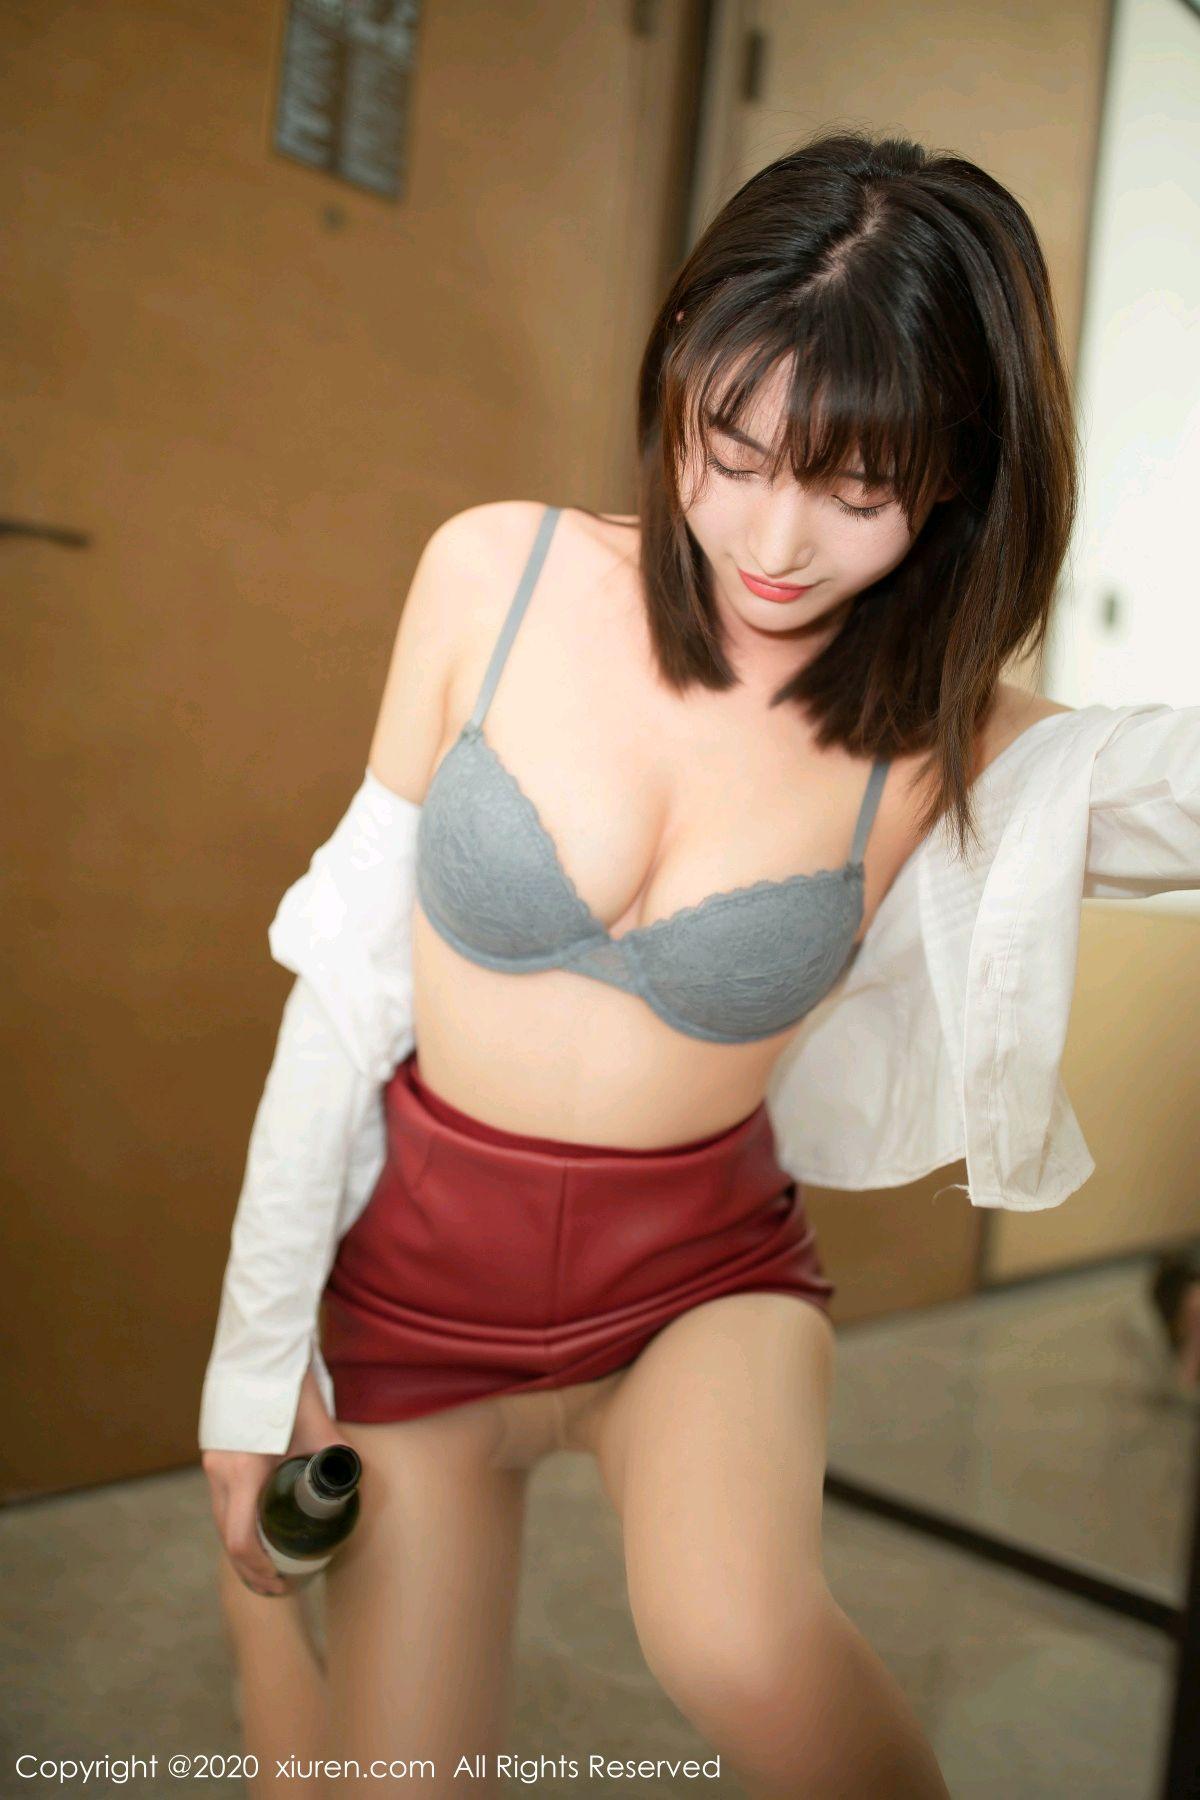 [XiuRen] Vol.2393 Lu Xuan Xuan 43P, Lu Xuan Xuan, Underwear, Xiuren